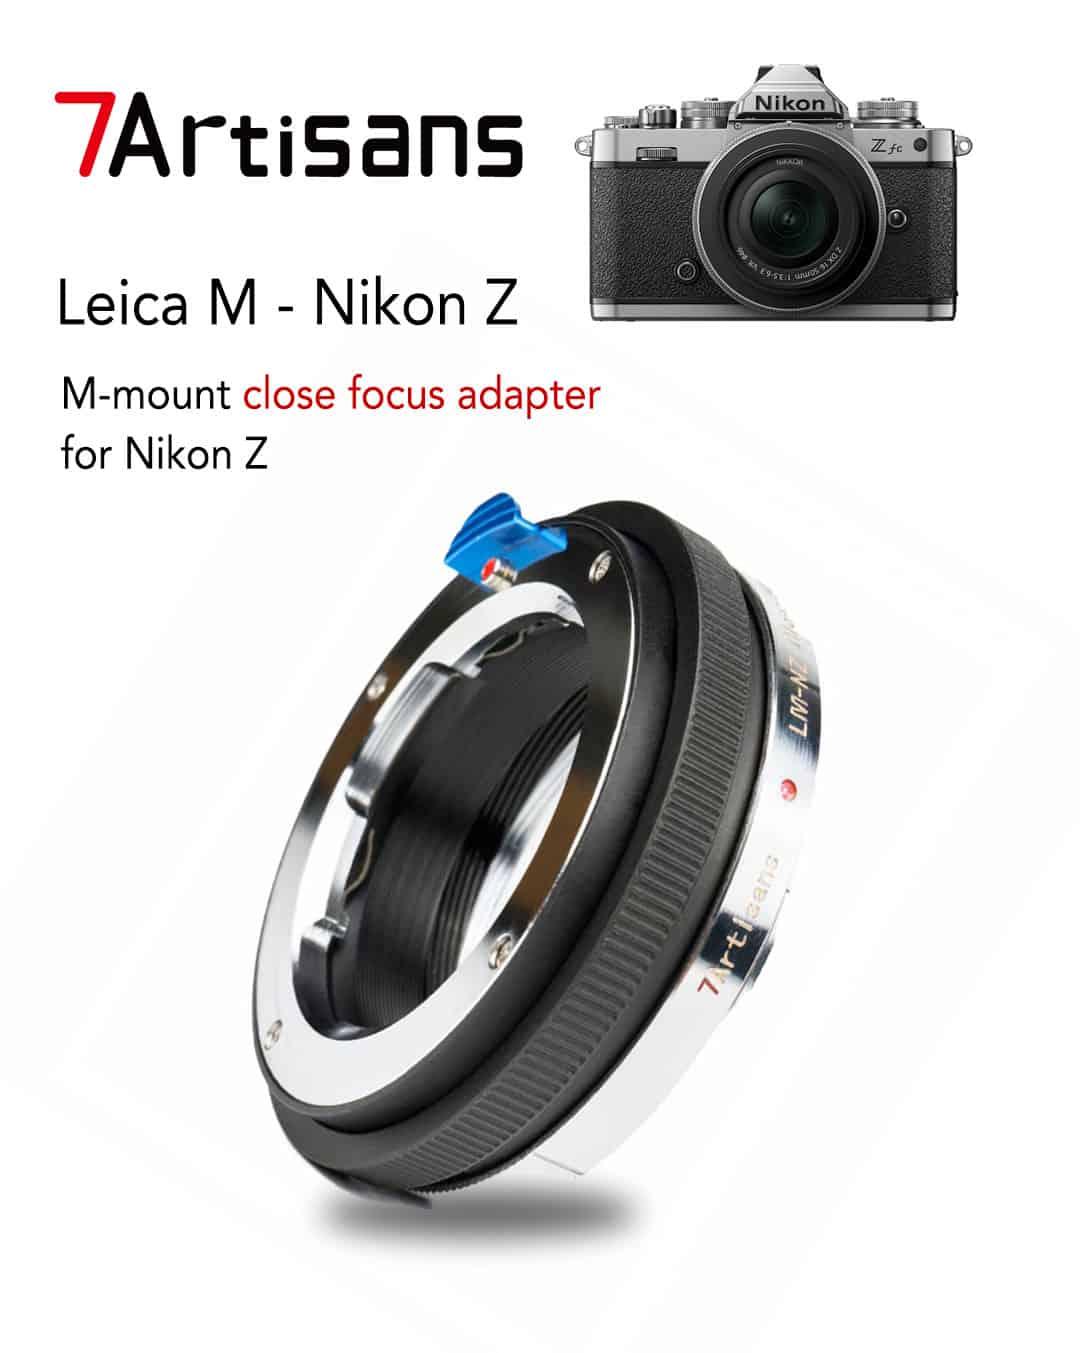 7artisans lm-nz close focus adapter macro helicoid อะแดปเตอร์ แปลงเลนส์